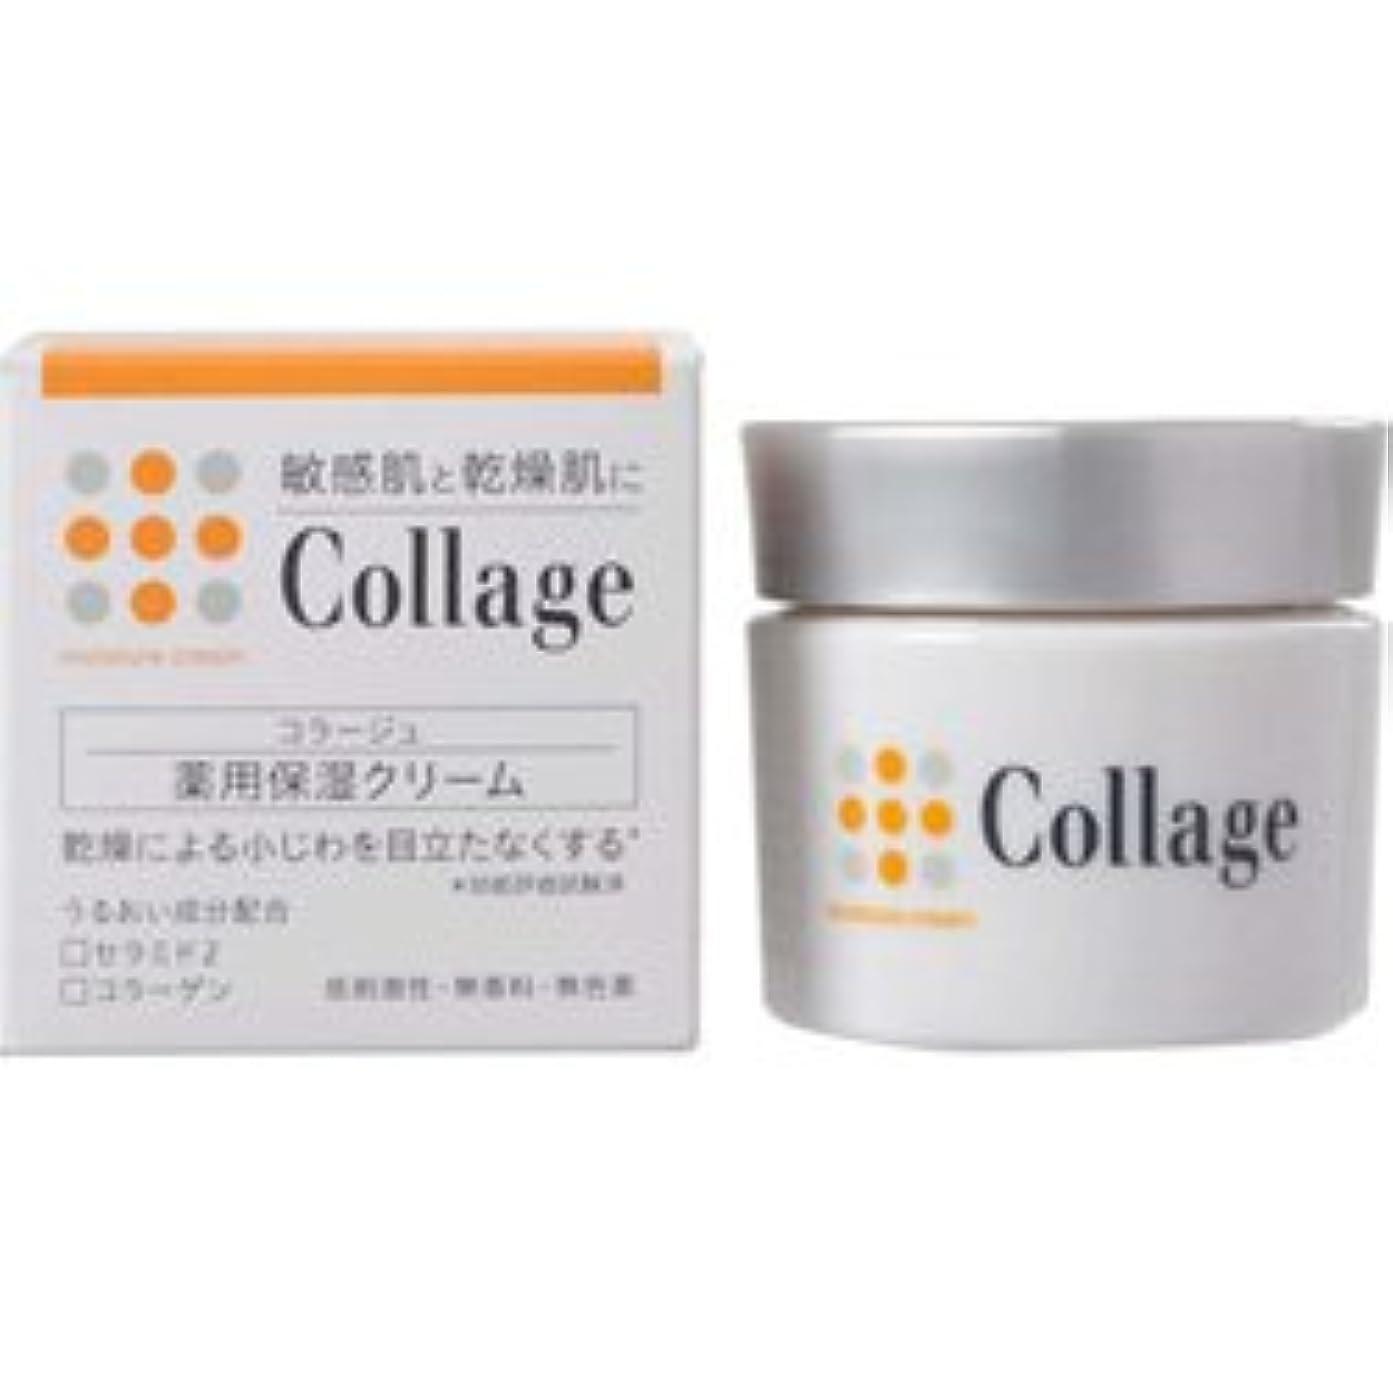 蒸気勝つ費やす【持田ヘルスケア】 コラージュ薬用保湿クリーム 30g (医薬部外品) ×10個セット